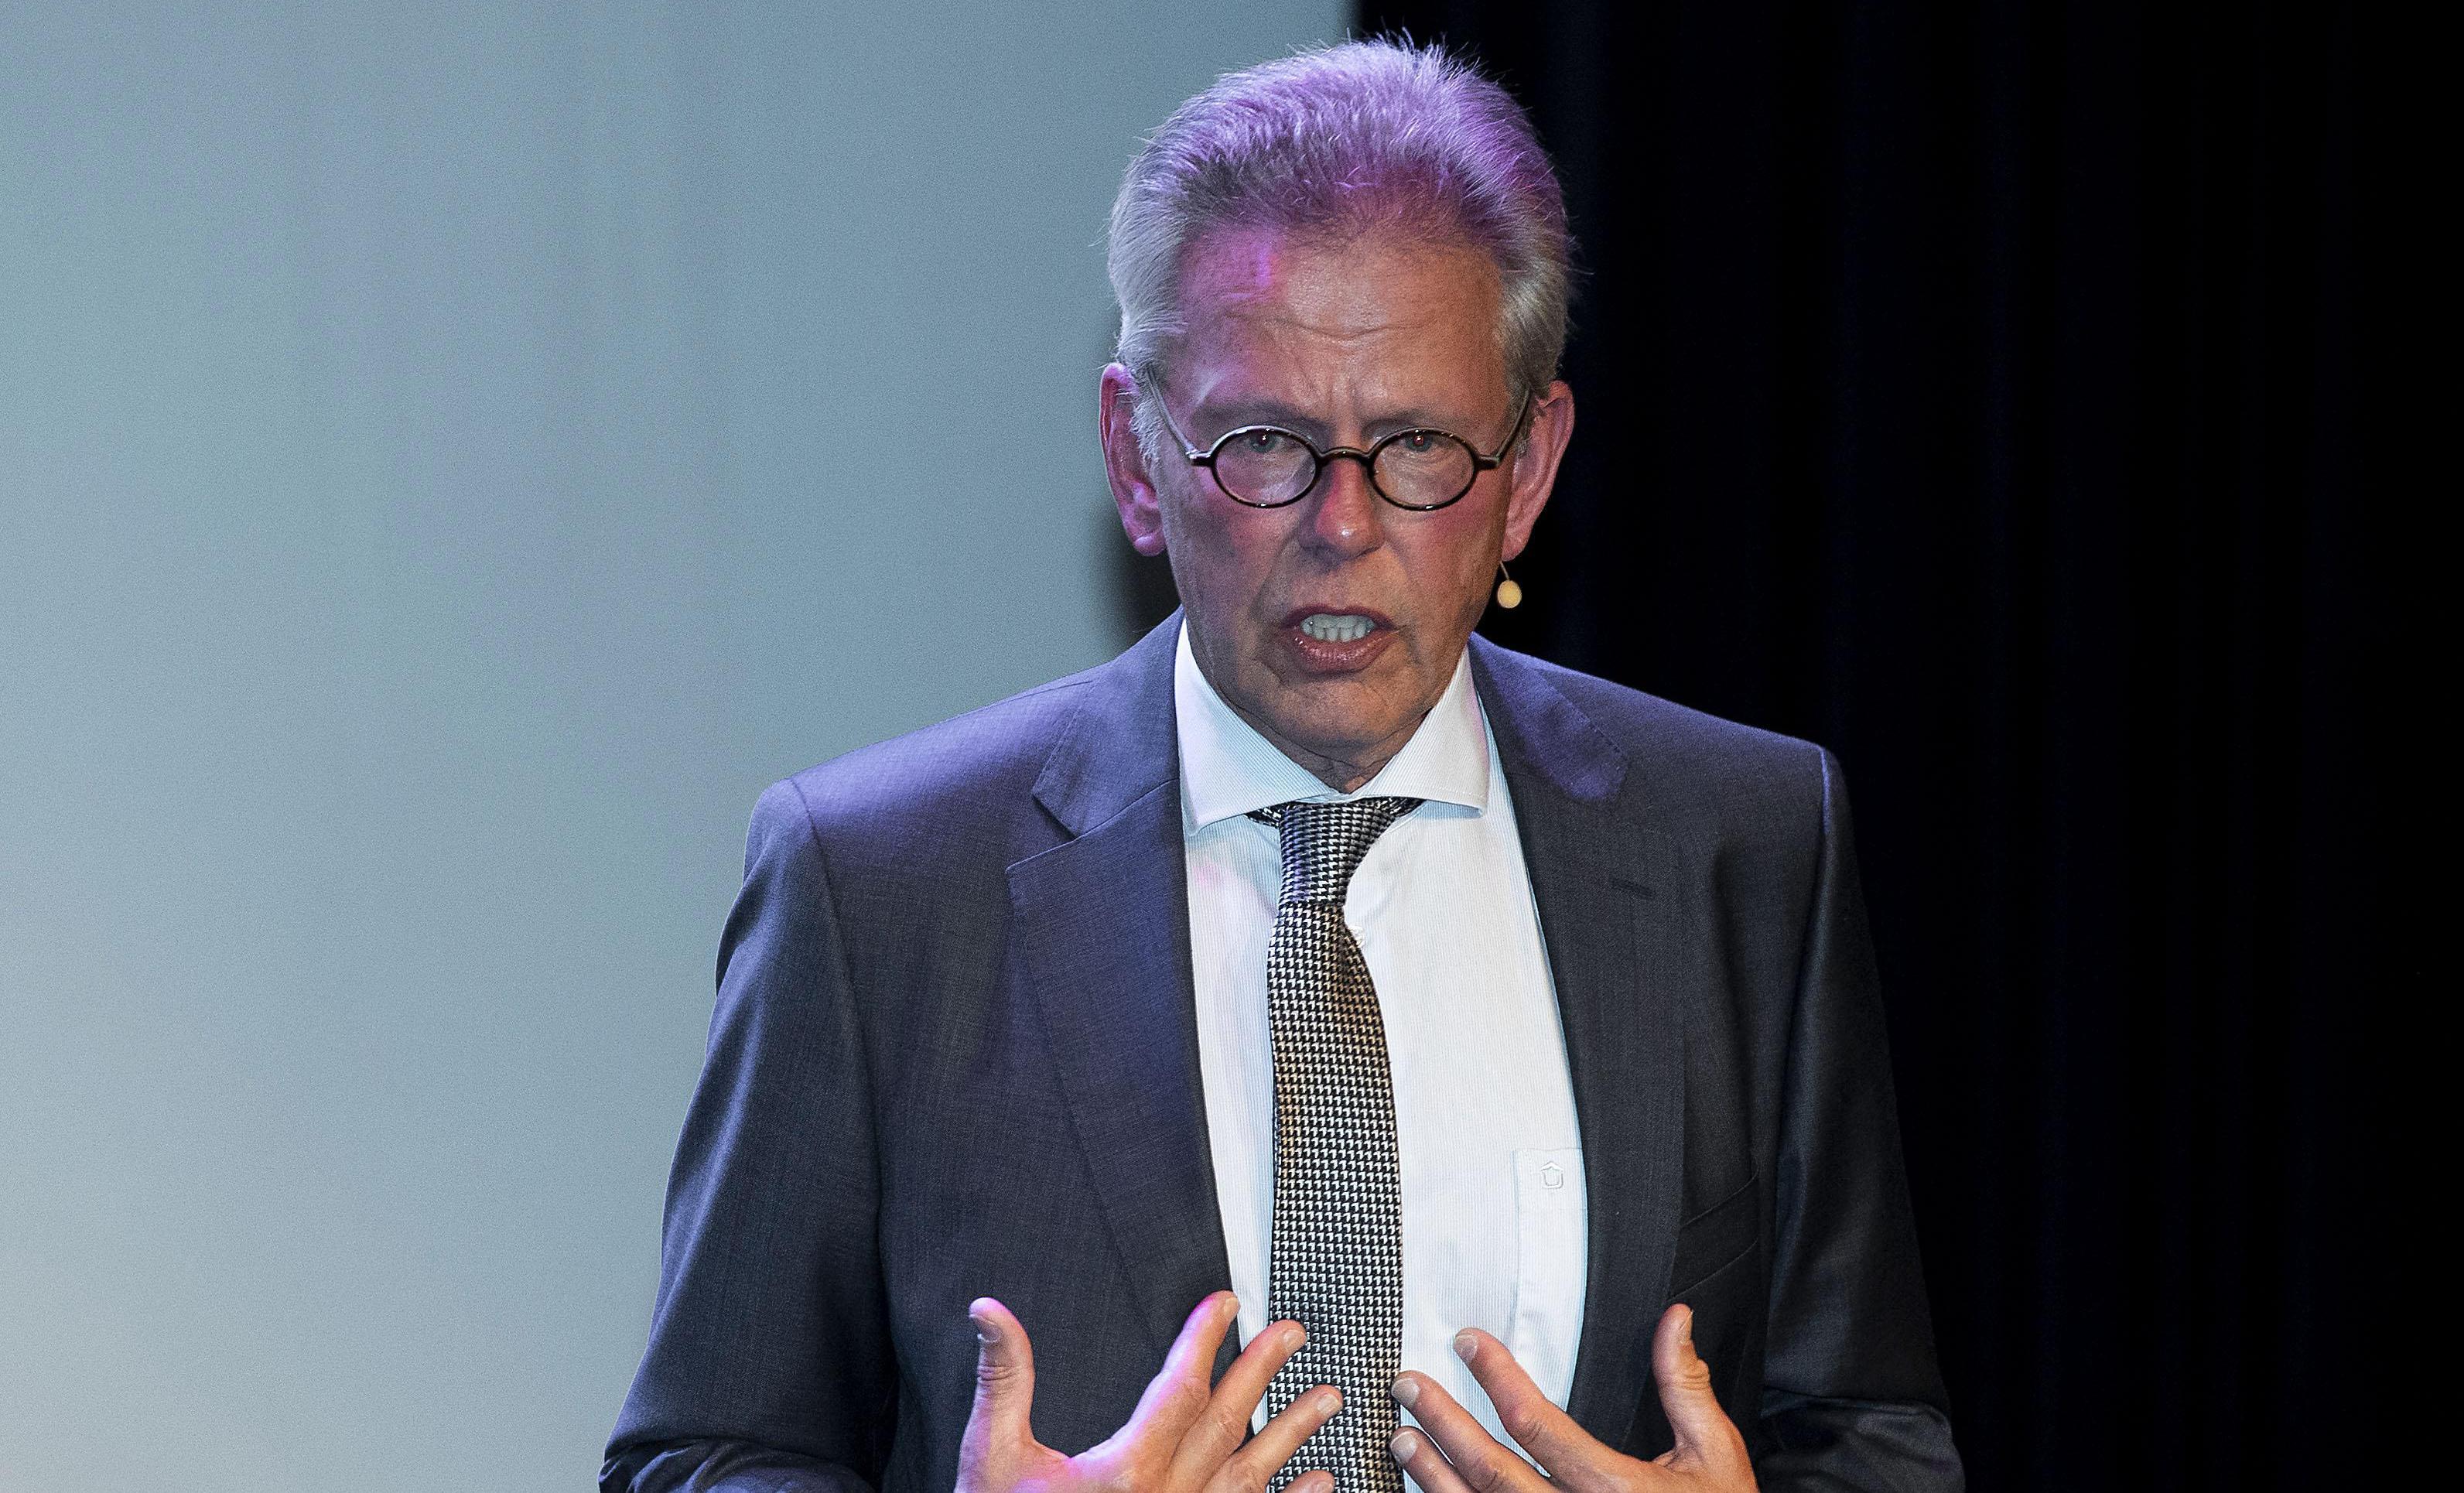 Burgemeester Don Bijl van Purmerend wil nog geen gebiedsverboden afkondigen en bekeuringen uitdelen